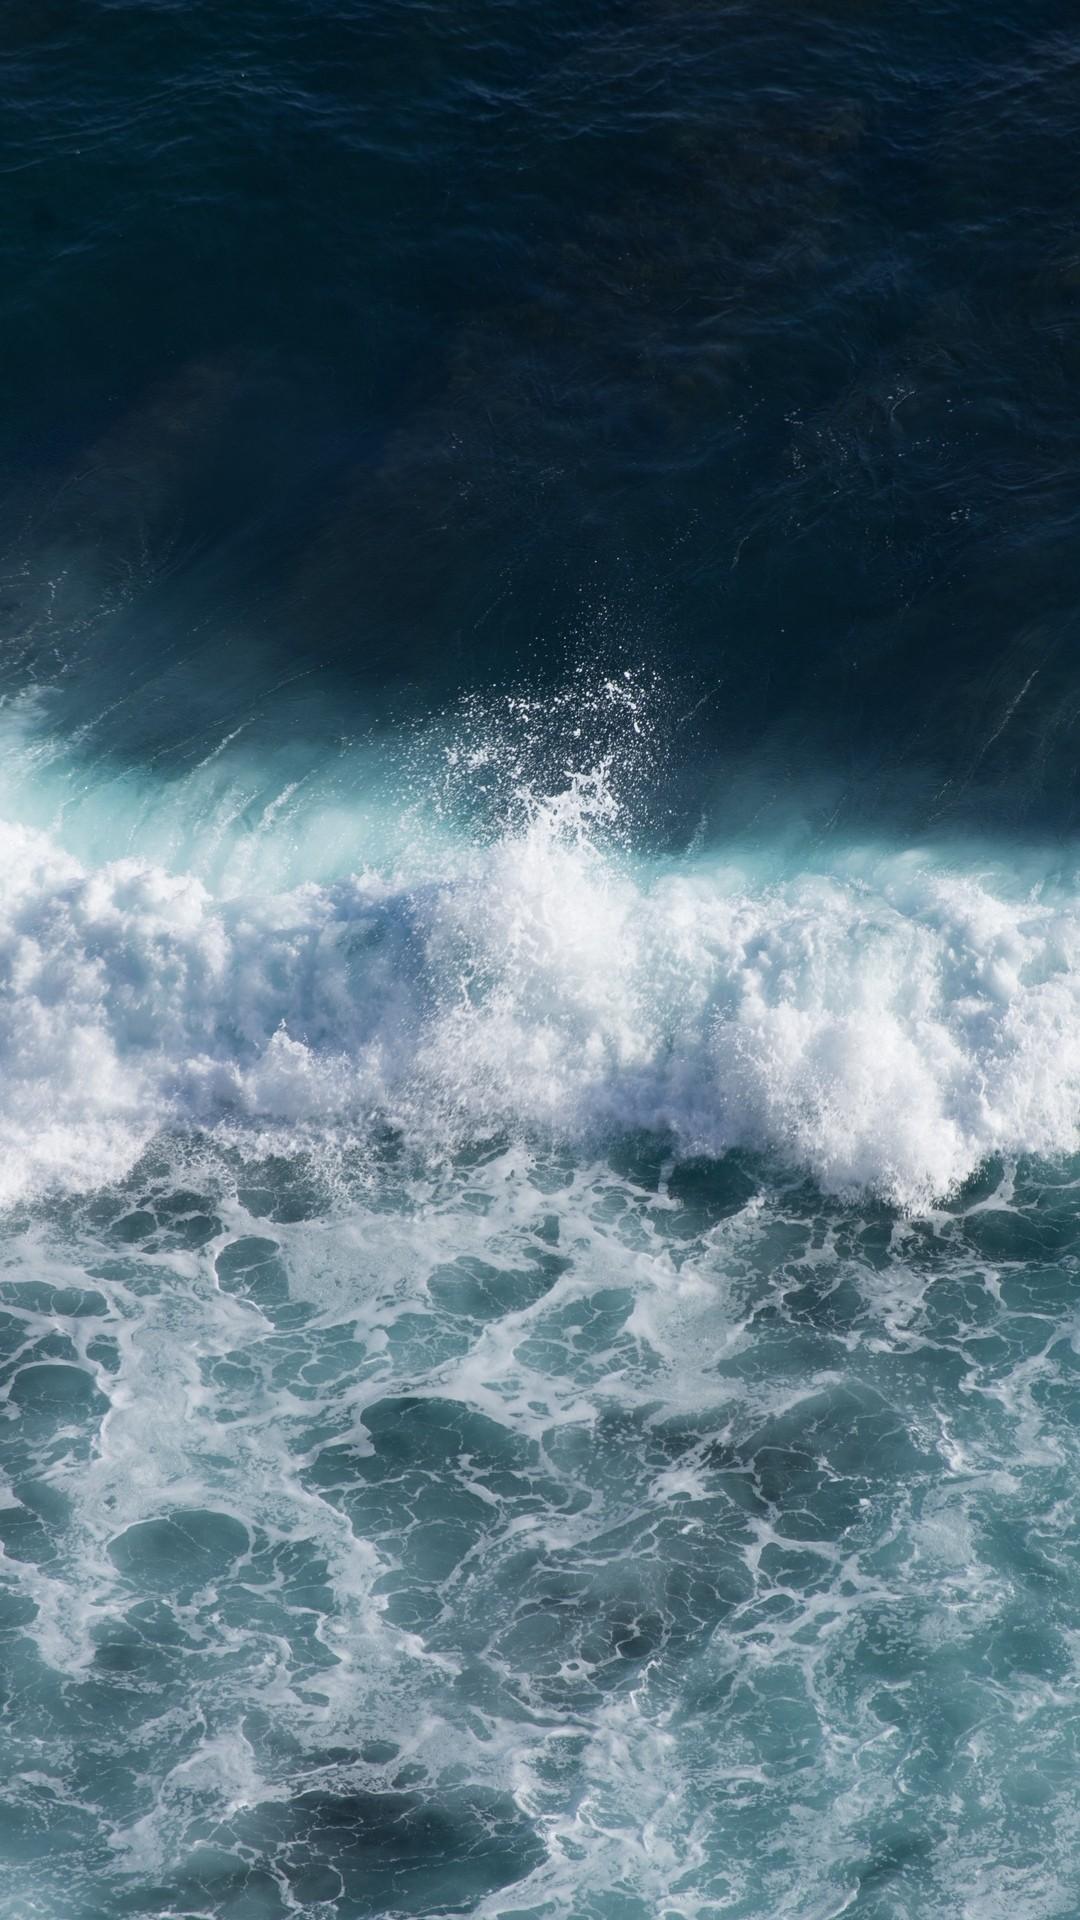 Wave iPhone 7 wallpaper